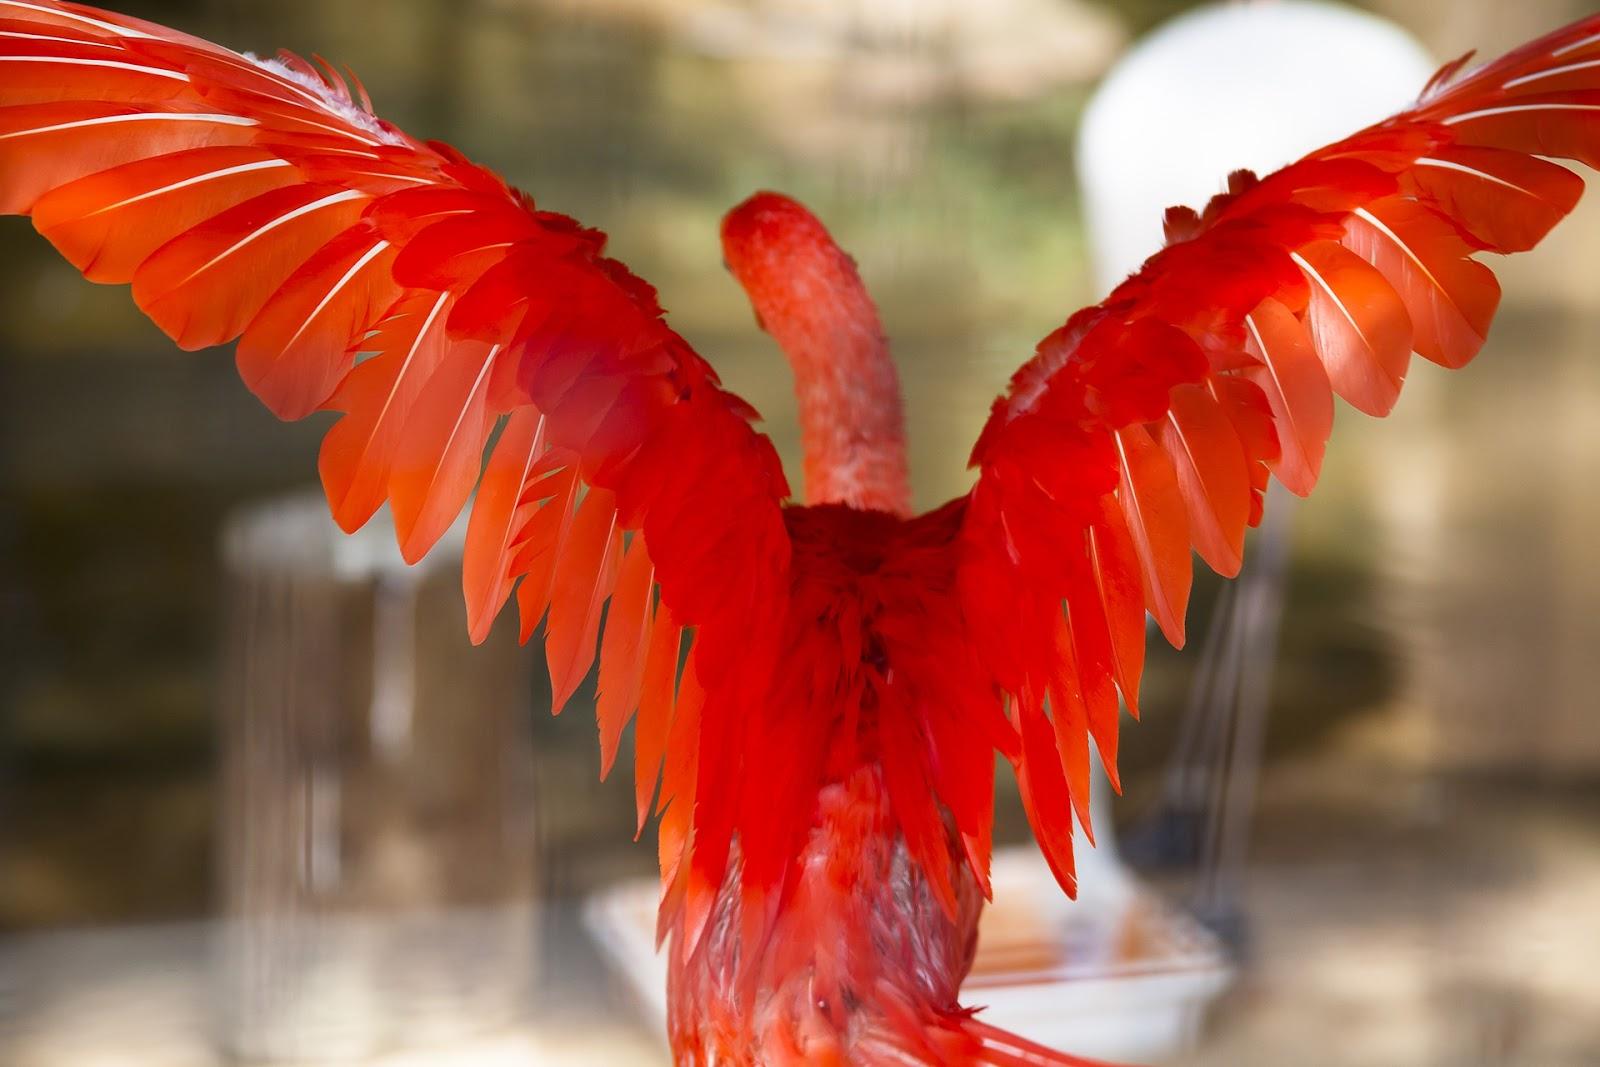 Czerwony ptak z rozłożonymi skrzydłami.